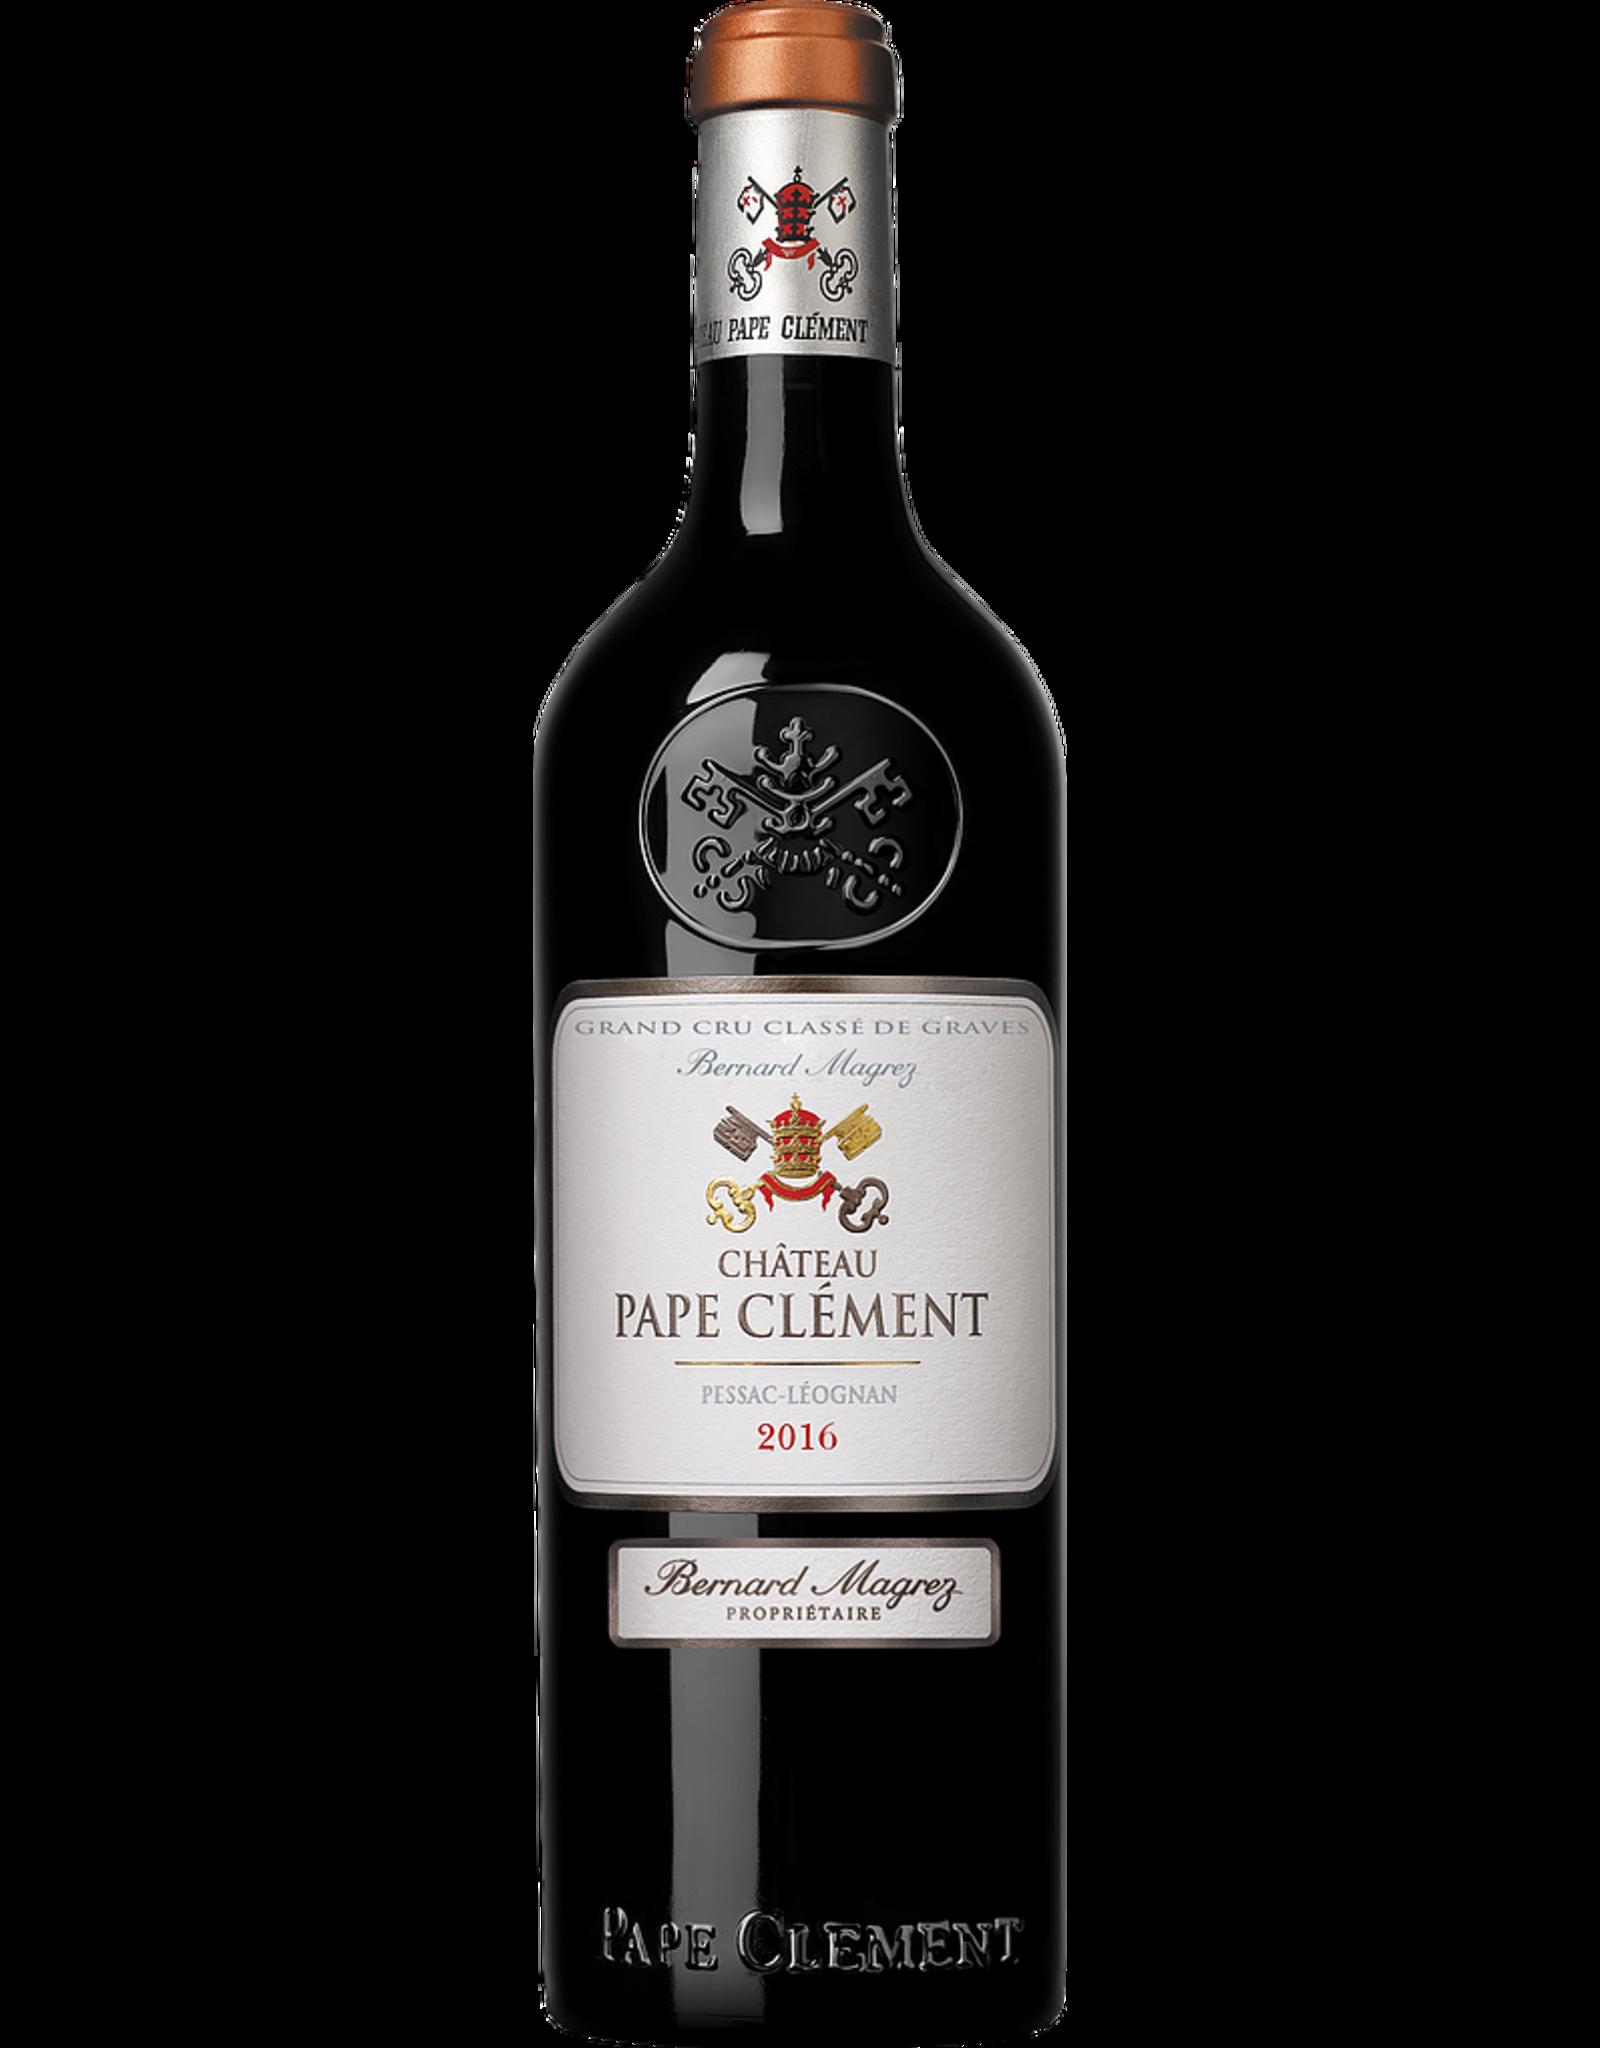 Château Pape Clément Château Pape Clément rouge 2015 - Pessac-Léognan